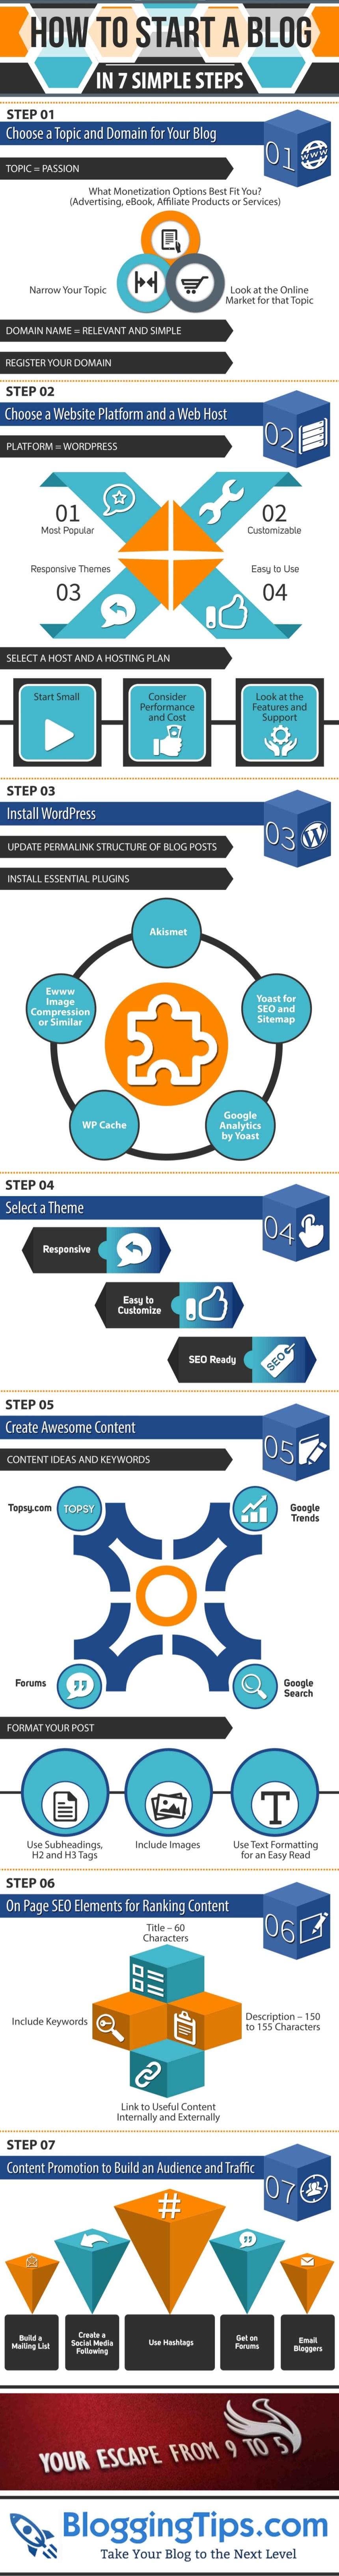 Cómo comenzar un Blog en 7 pasos